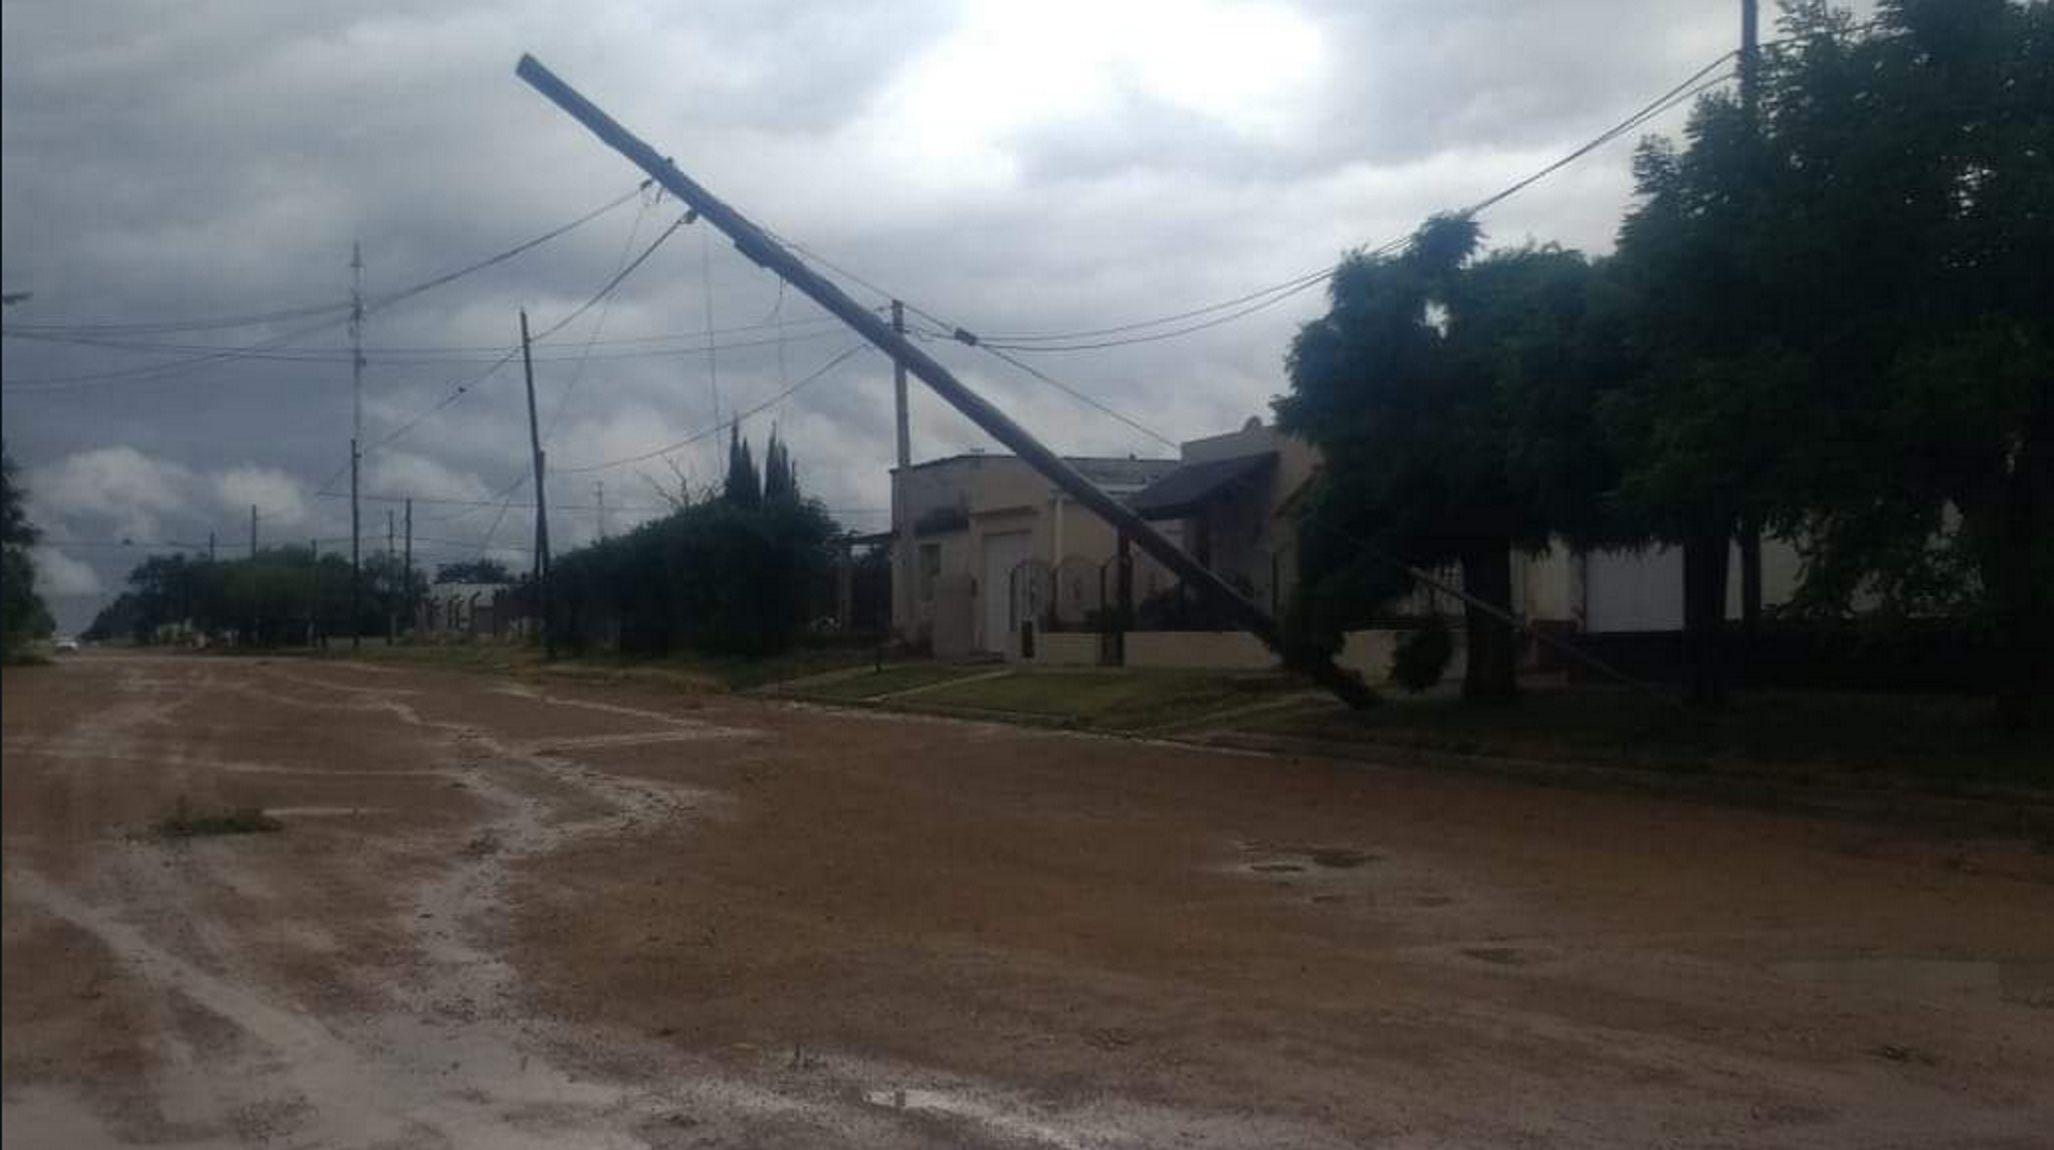 El temporal pasó por Tres Arroyos